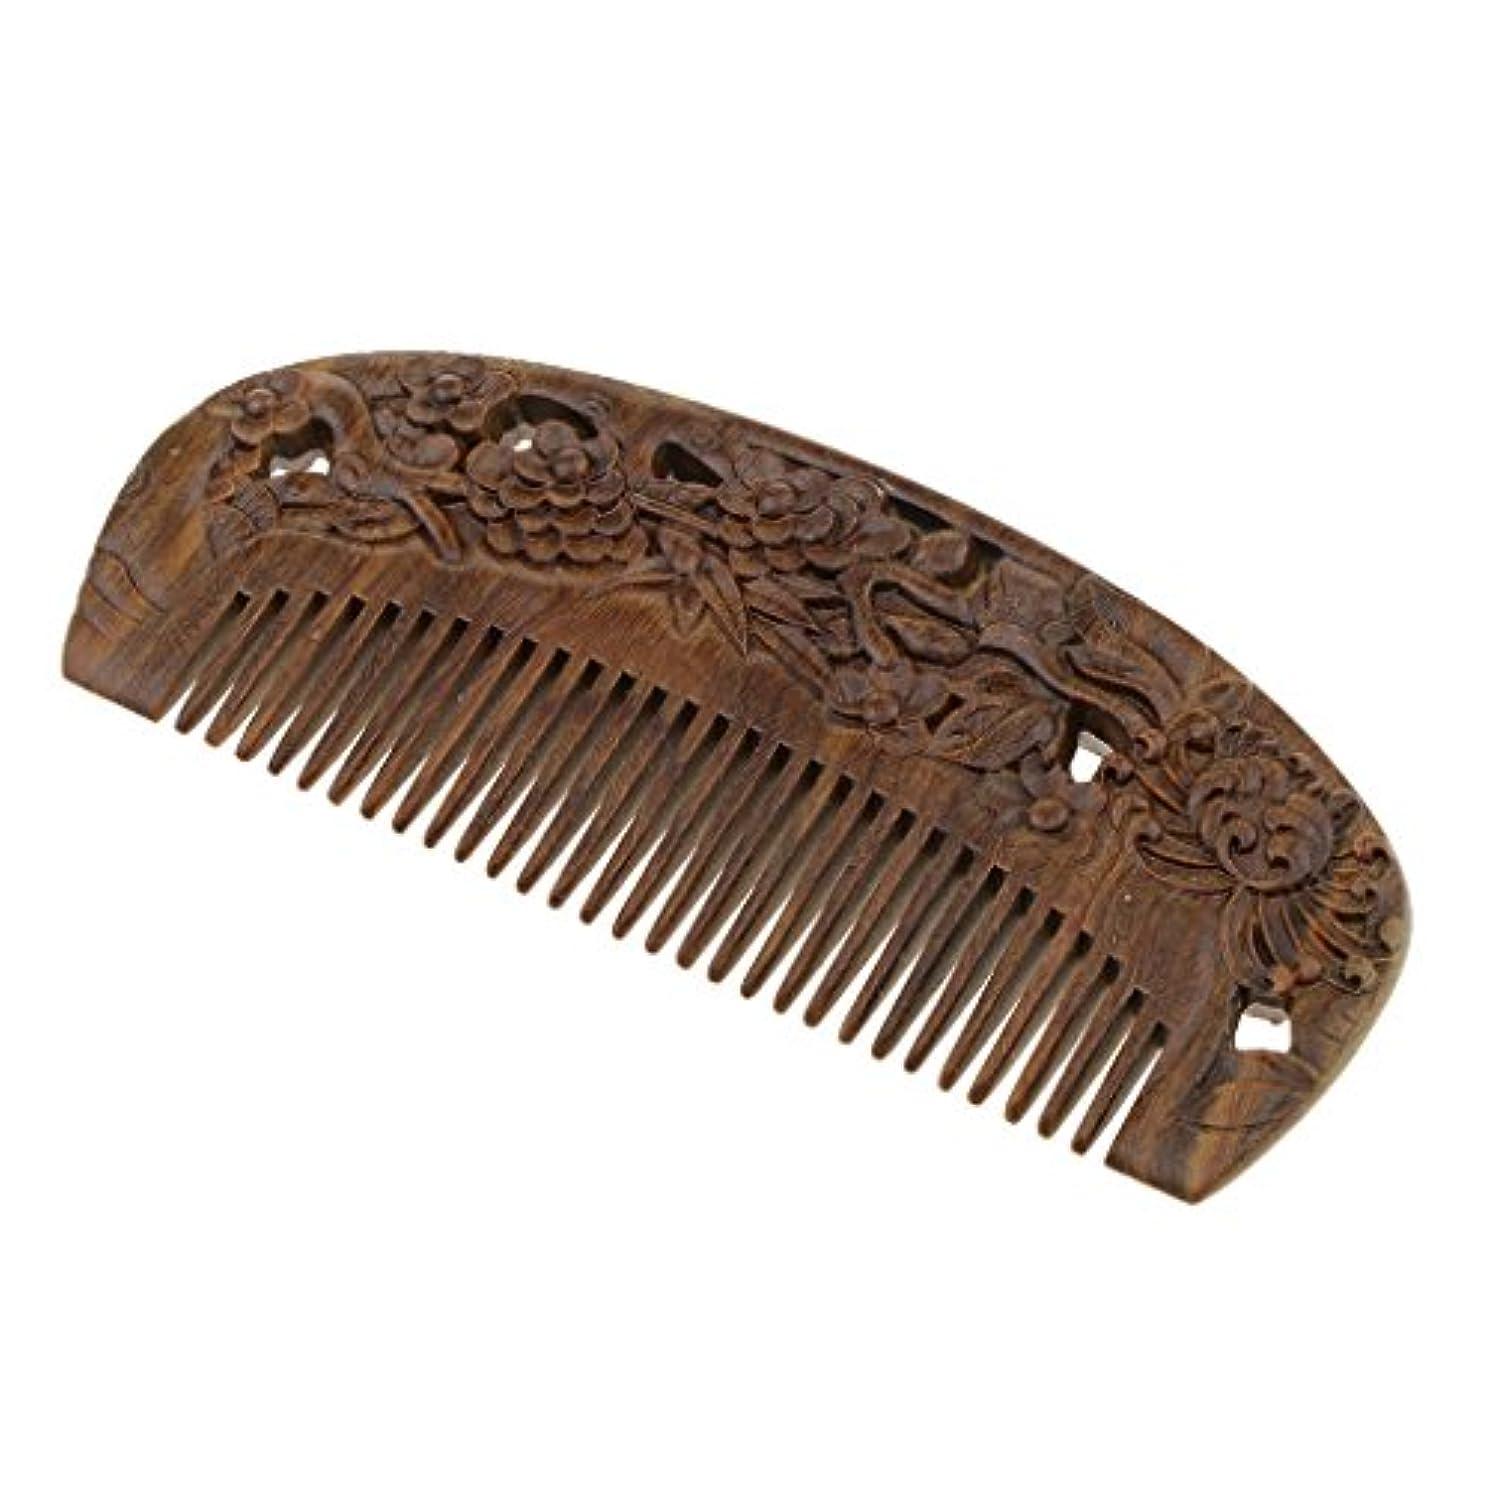 遮る滑りやすいラベ木製櫛 頭皮マッサージ 櫛 ワイド歯 ヘアコーム ヘアブラシ ヘアスタイリング 高品質 2タイプ選べる - #2